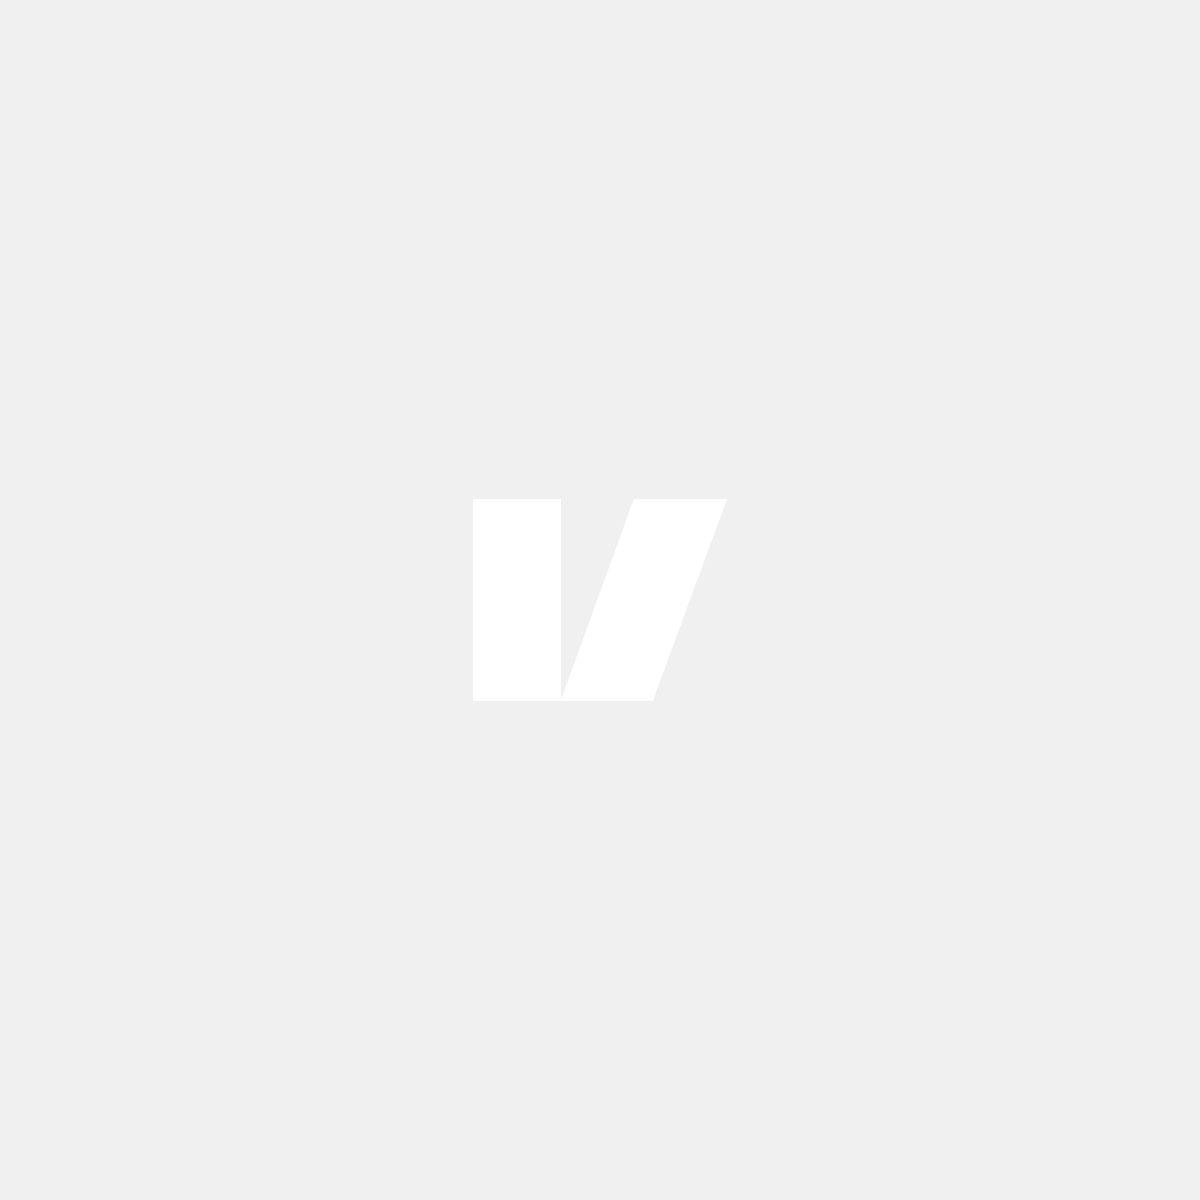 Skidplates aluminiumlook till Volvo S60 10-13